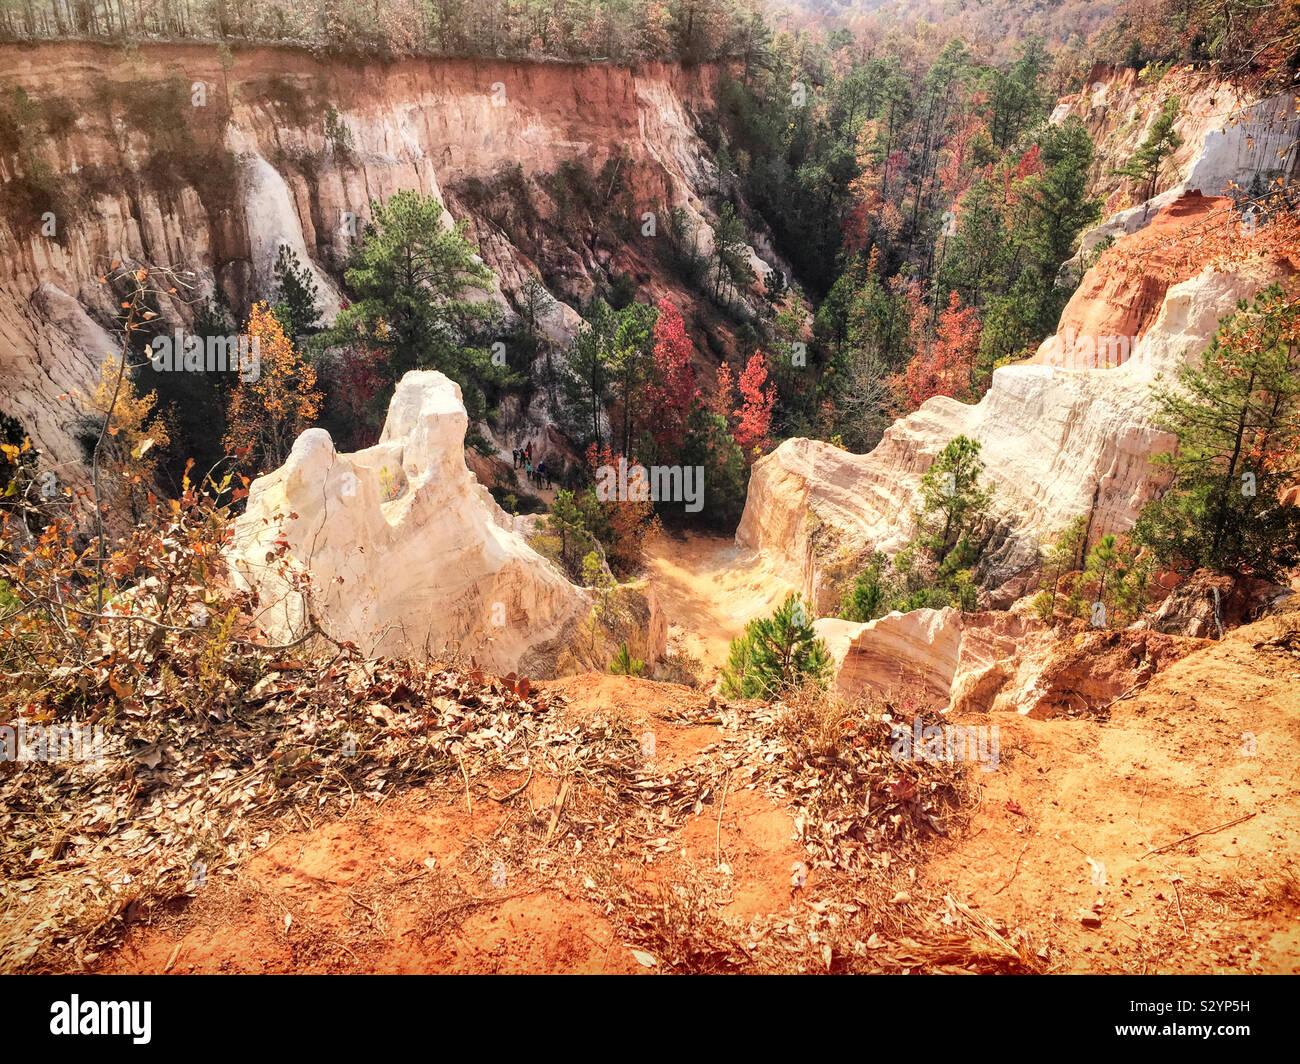 La provvidenza Canyon in Lumpkin Georgia USA è anche noto come il piccolo Grand Canyon. Si tratta di una delle sette meraviglie naturali della Georgia. Foto Stock